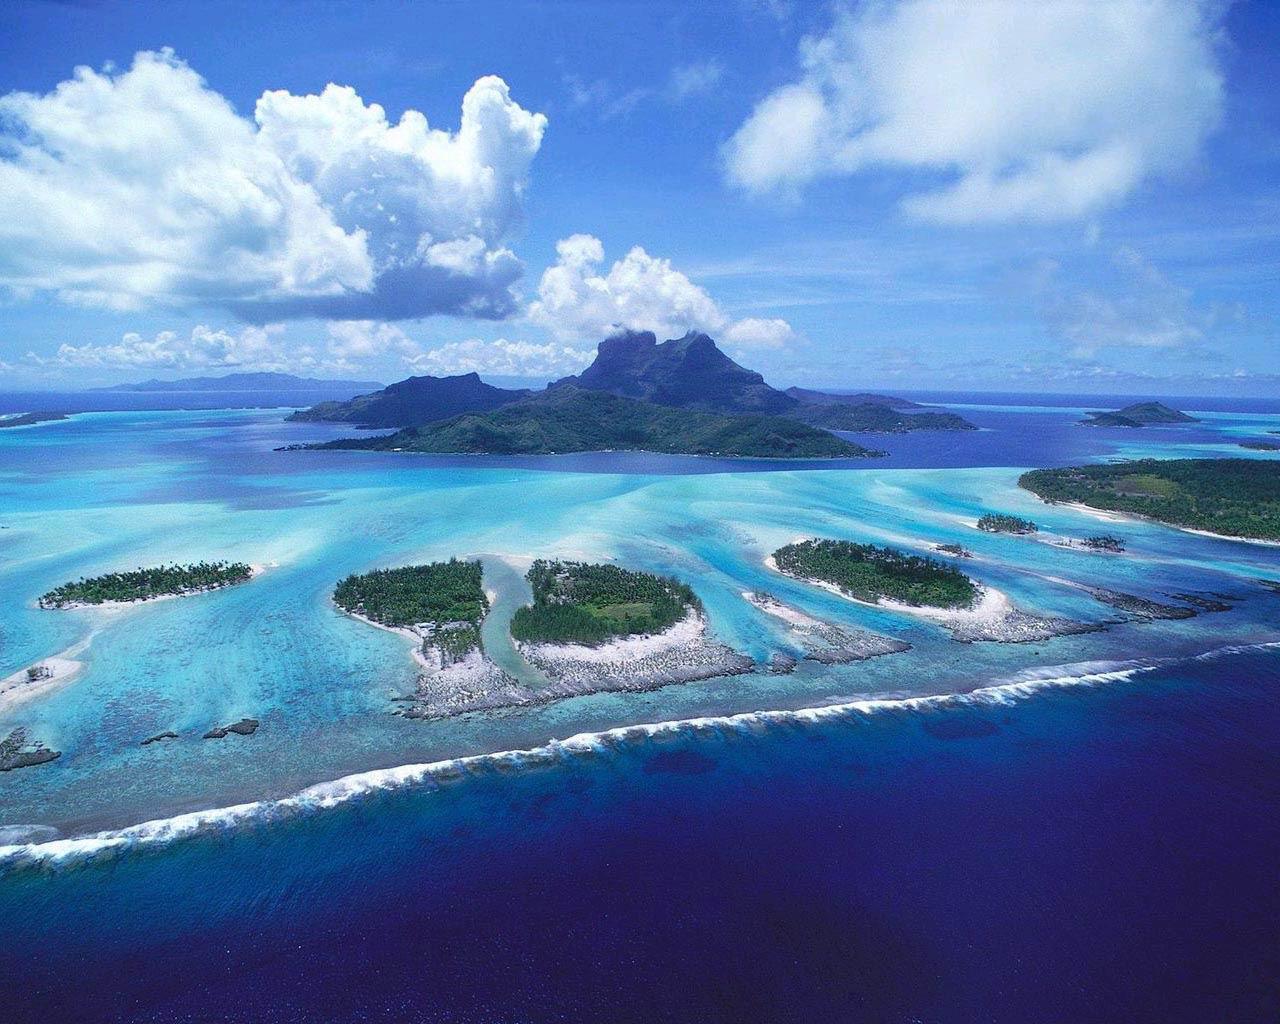 Tropical Island Sunset Wallpaper